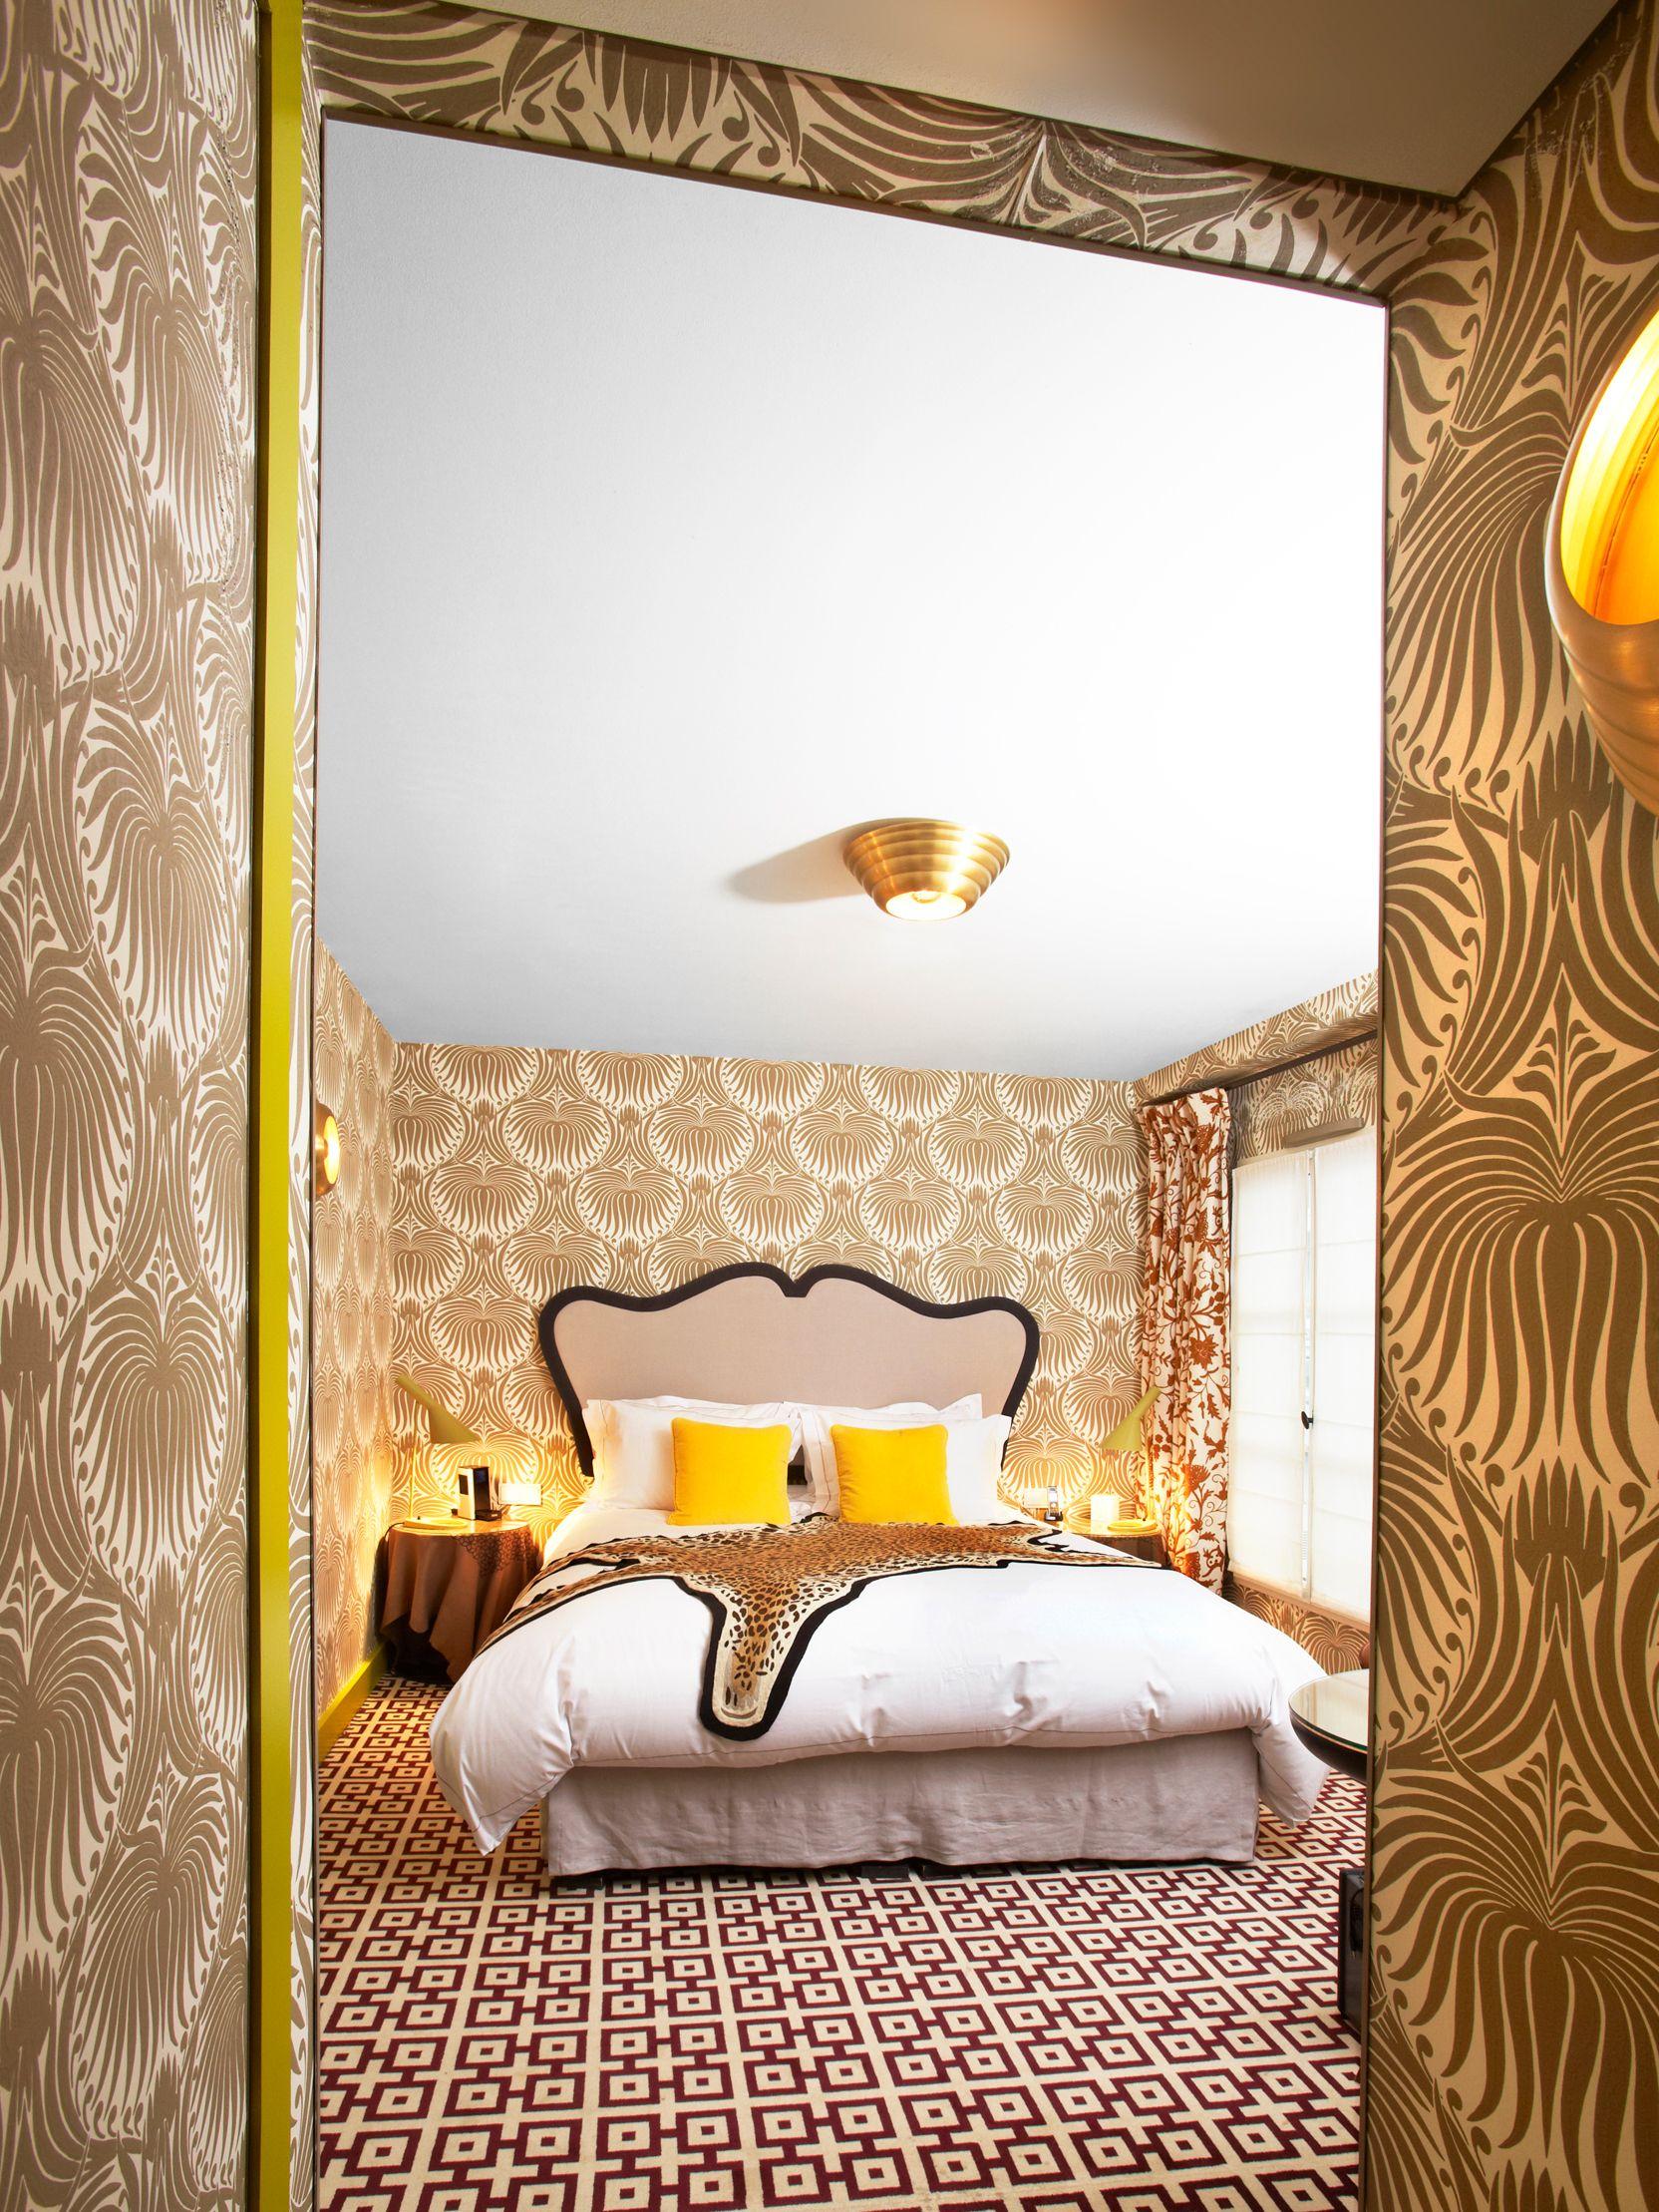 Hôtel Thoumieux Hotel et Brasserie à Paris 7ème